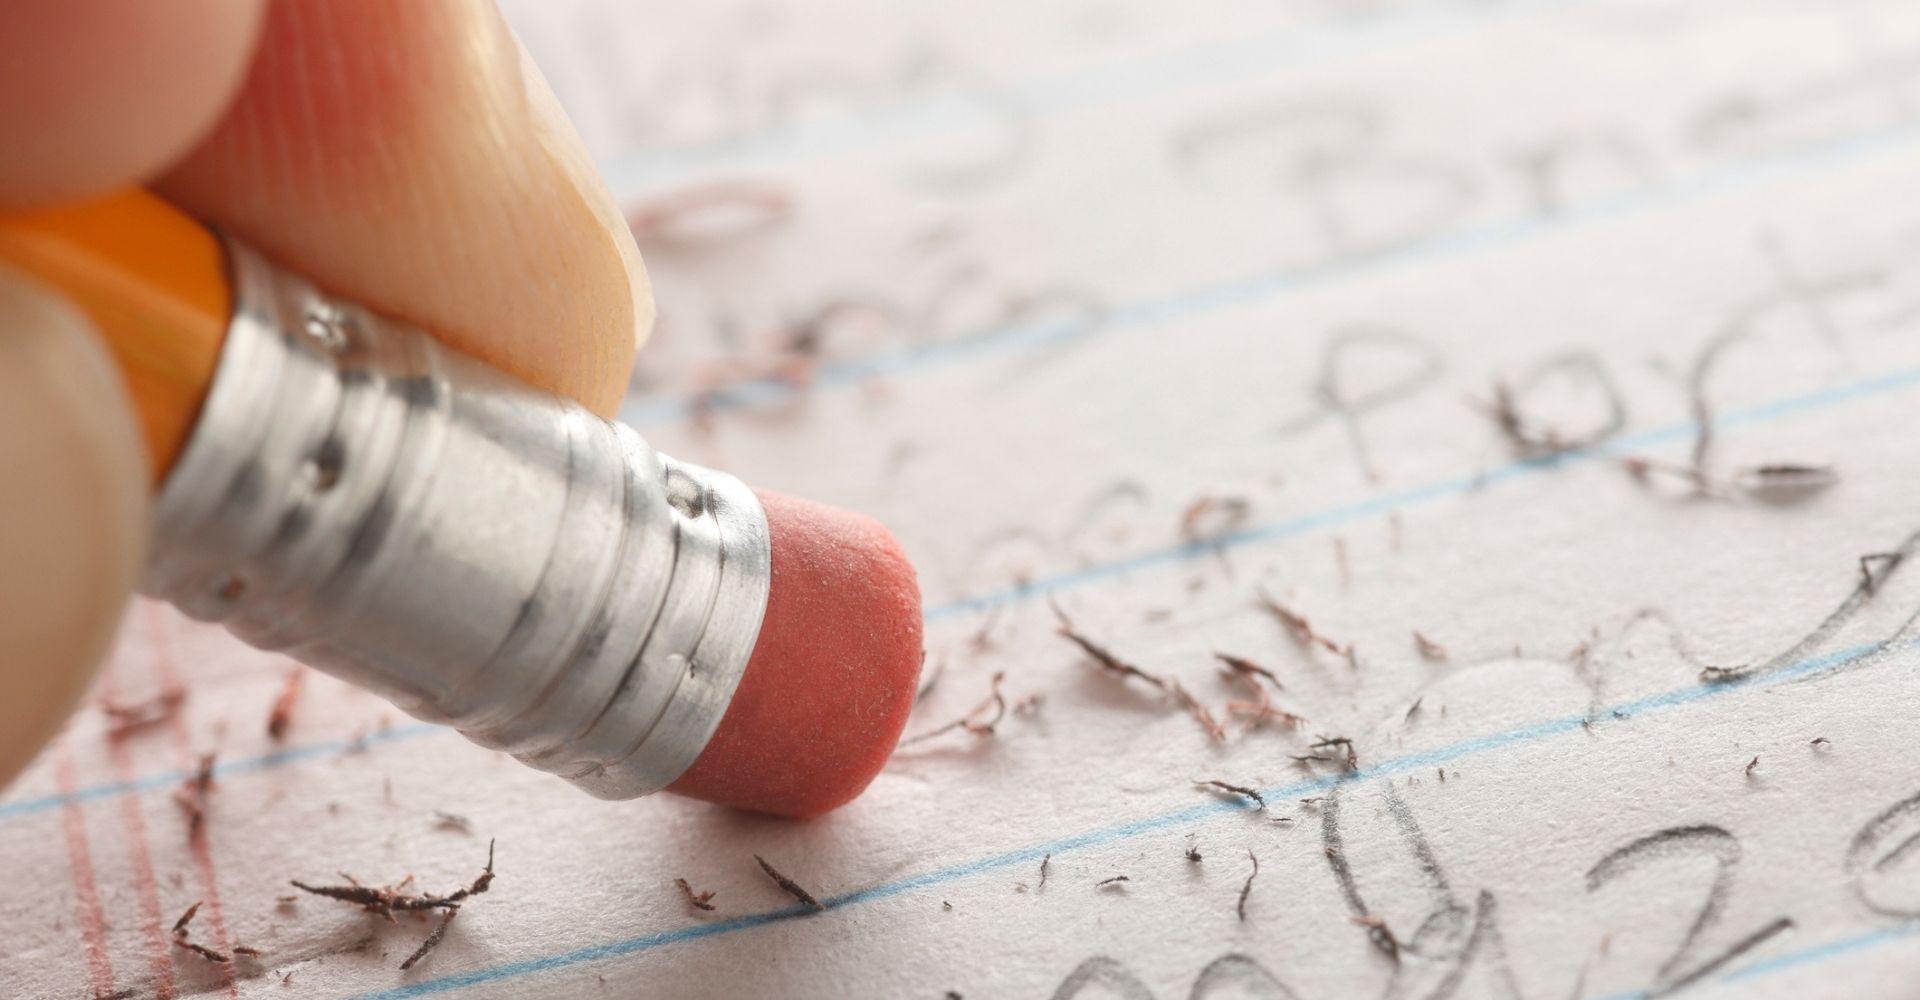 Usi e abusi grammaticali che si stanno diffondendo anche in contesti formali